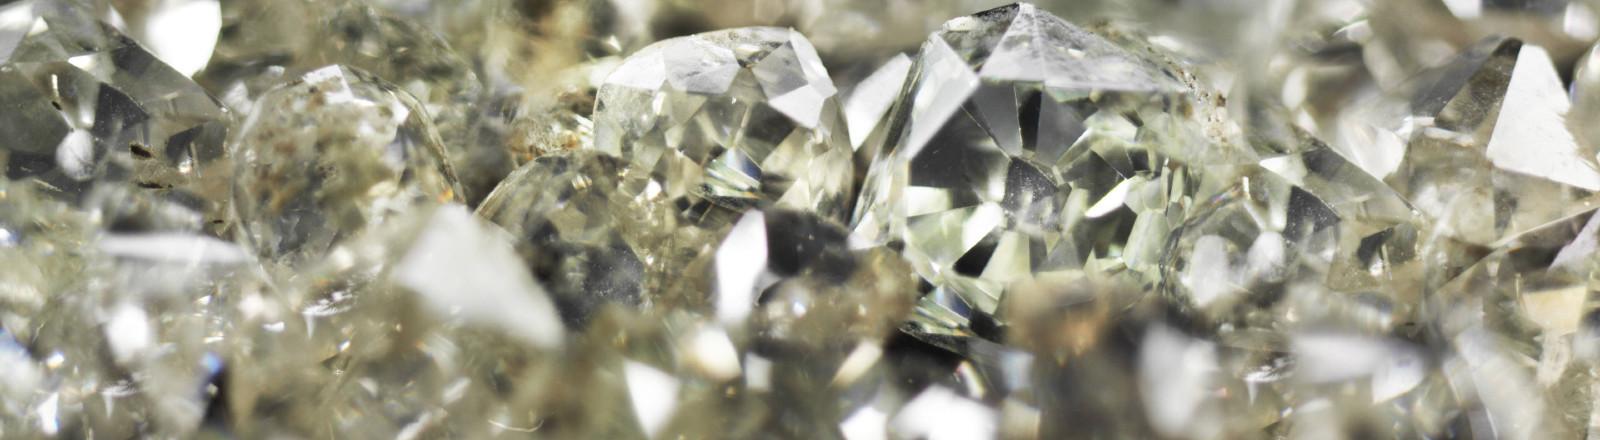 Rohe und geschliffene Diamanten.